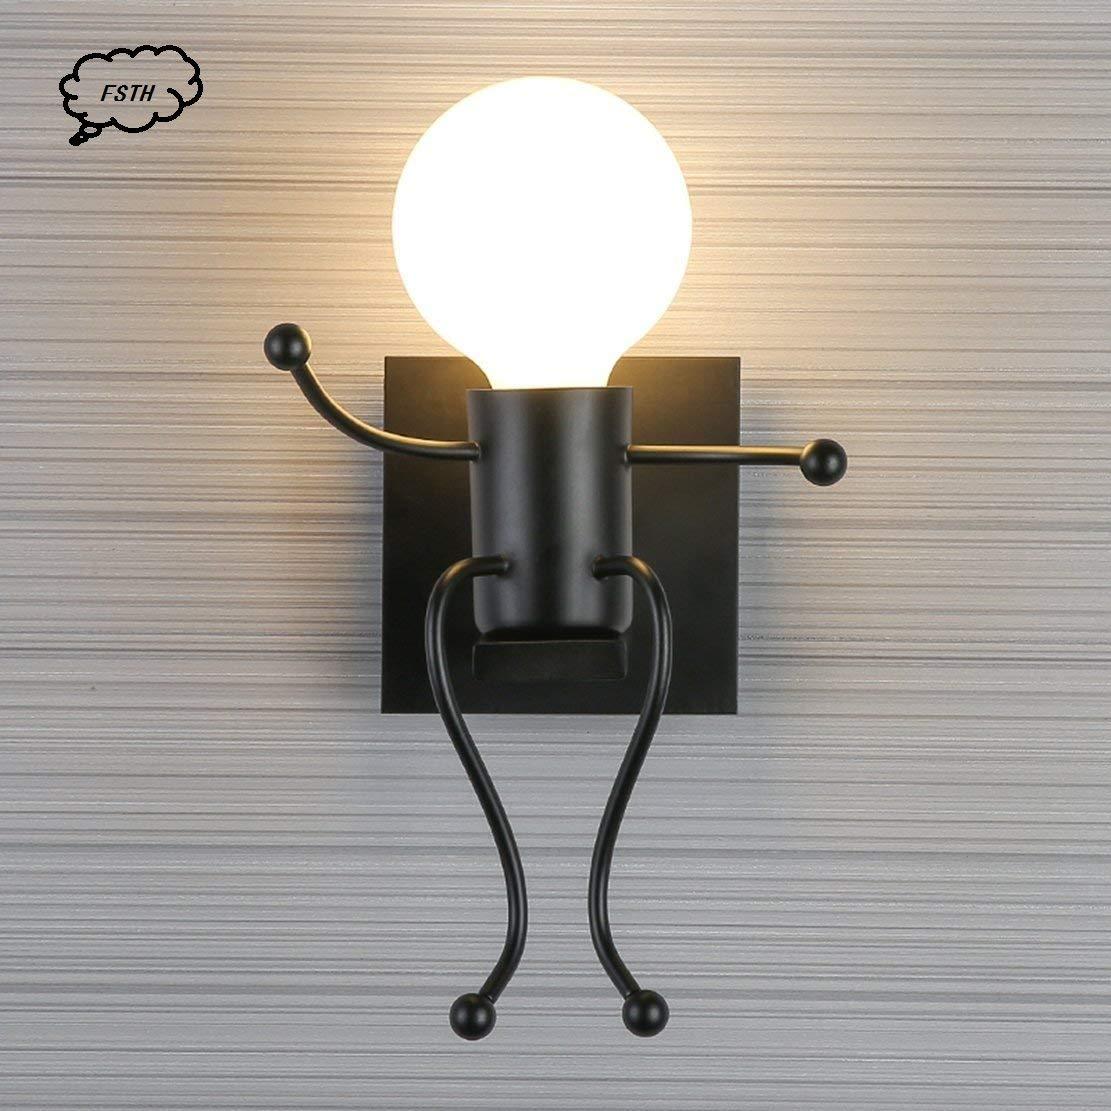 Corridoio E27 Ristorante Bianco Camera da Letto MC Creativo Lampada da Parete Retro Ferro Vintage Applique da Parete Modern Metallo Decor Lampada da Applique Illuminazione per Bar